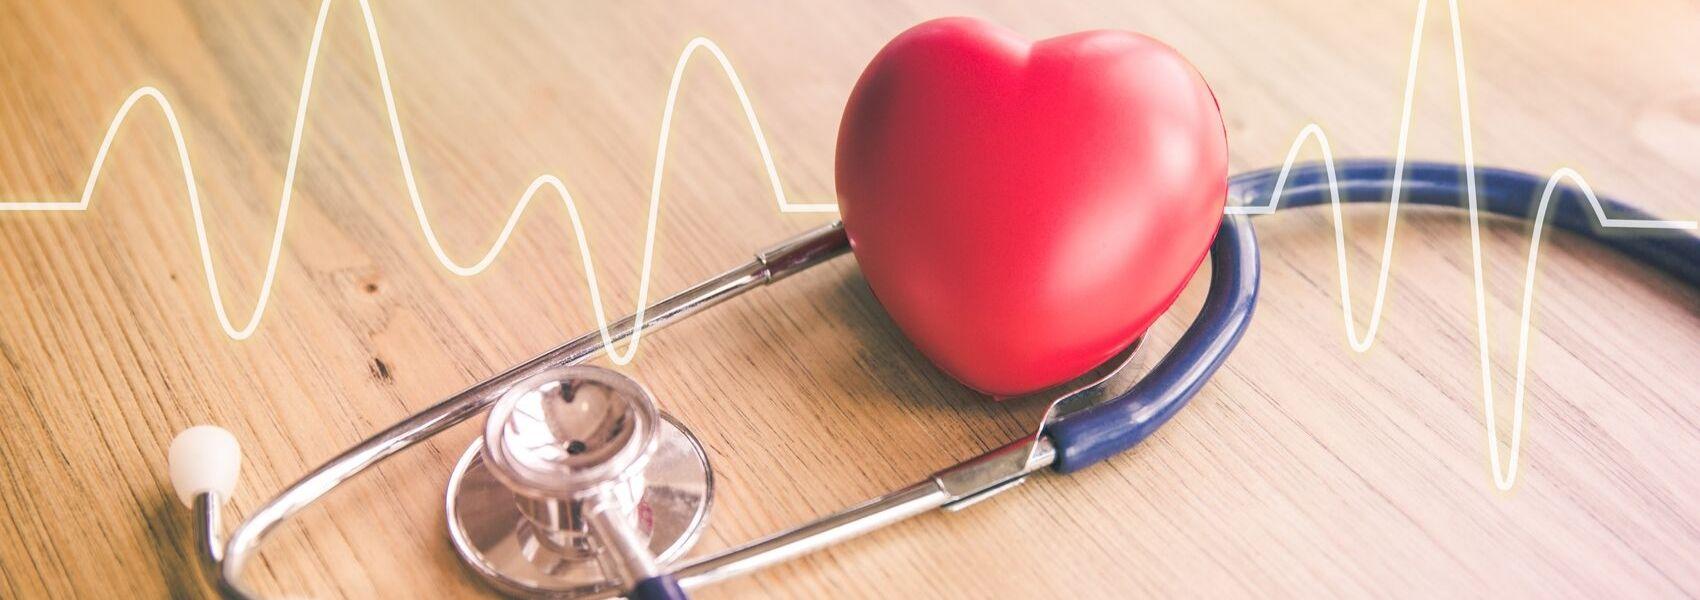 Cirurgia minimamente invasiva é mais-valia para tratar doenças cardiovasculares